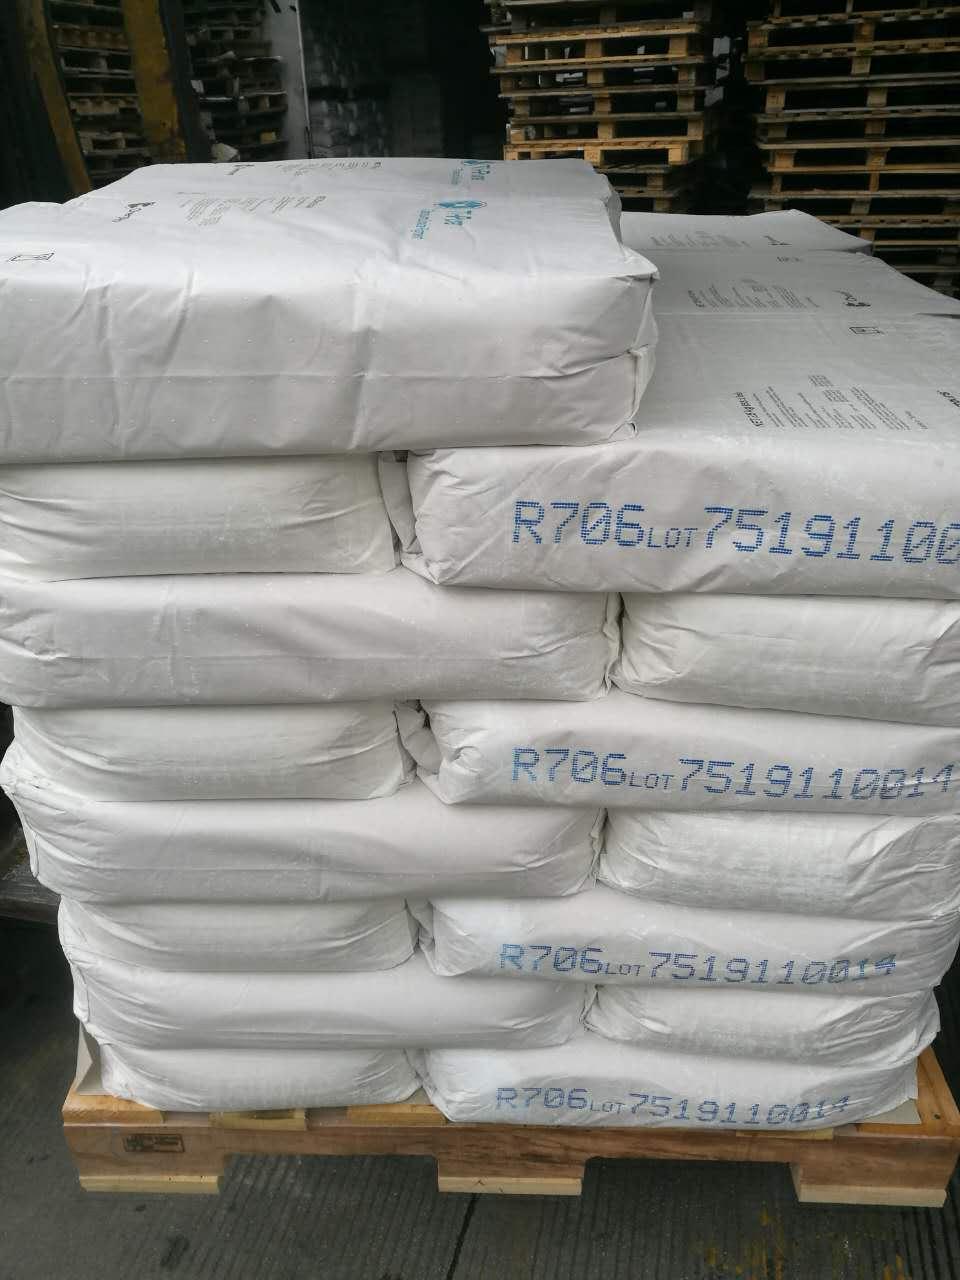 杜邦钛白粉902制造商_买专业的杜邦钛白粉902和万行